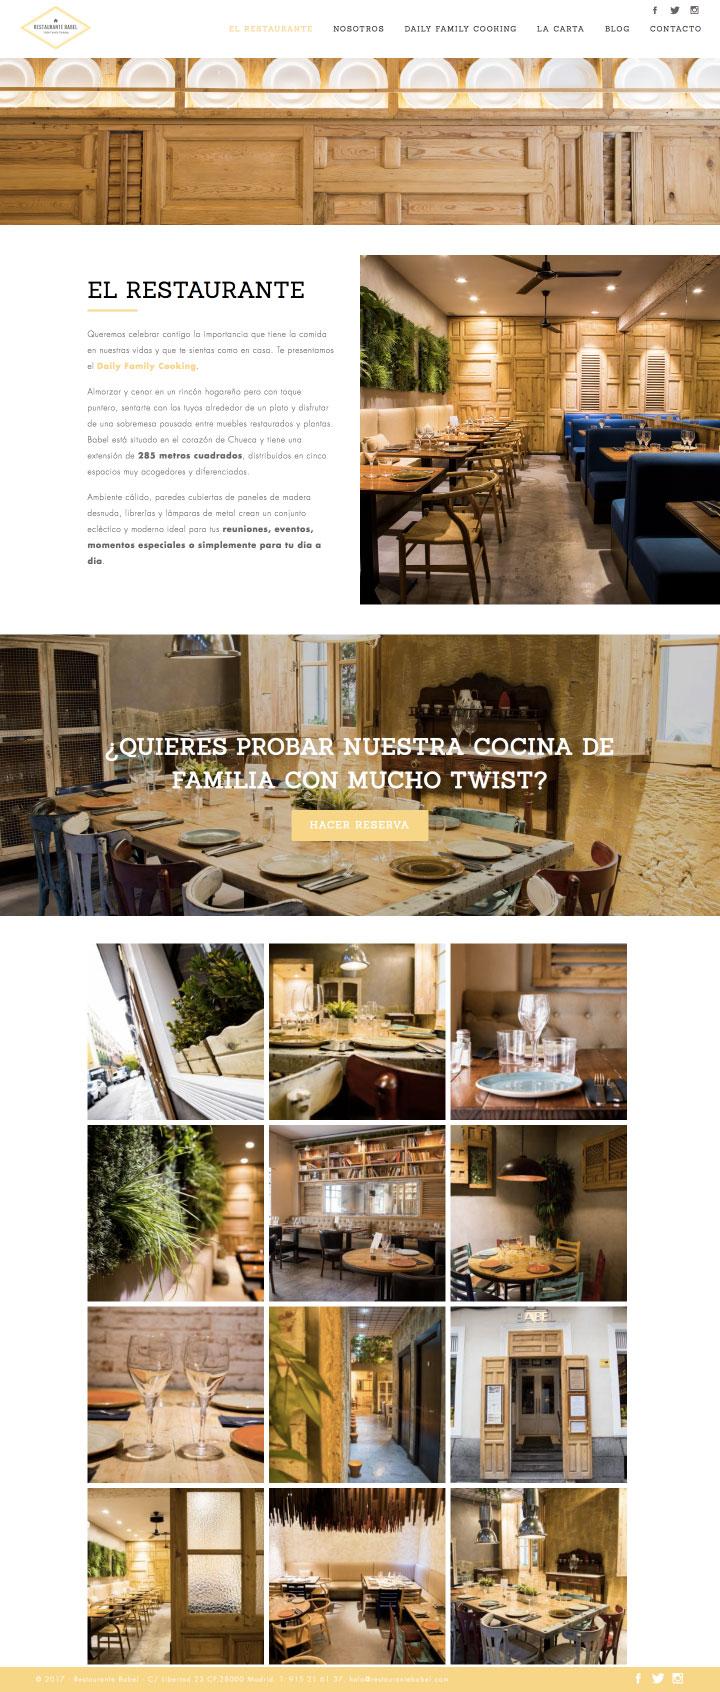 Diseño de página web a medida en Madrid para restaurantes. Agencia de Marketing Digital en Murcia, Madrid y Panamá City | Nómadas Comunicación Creativa